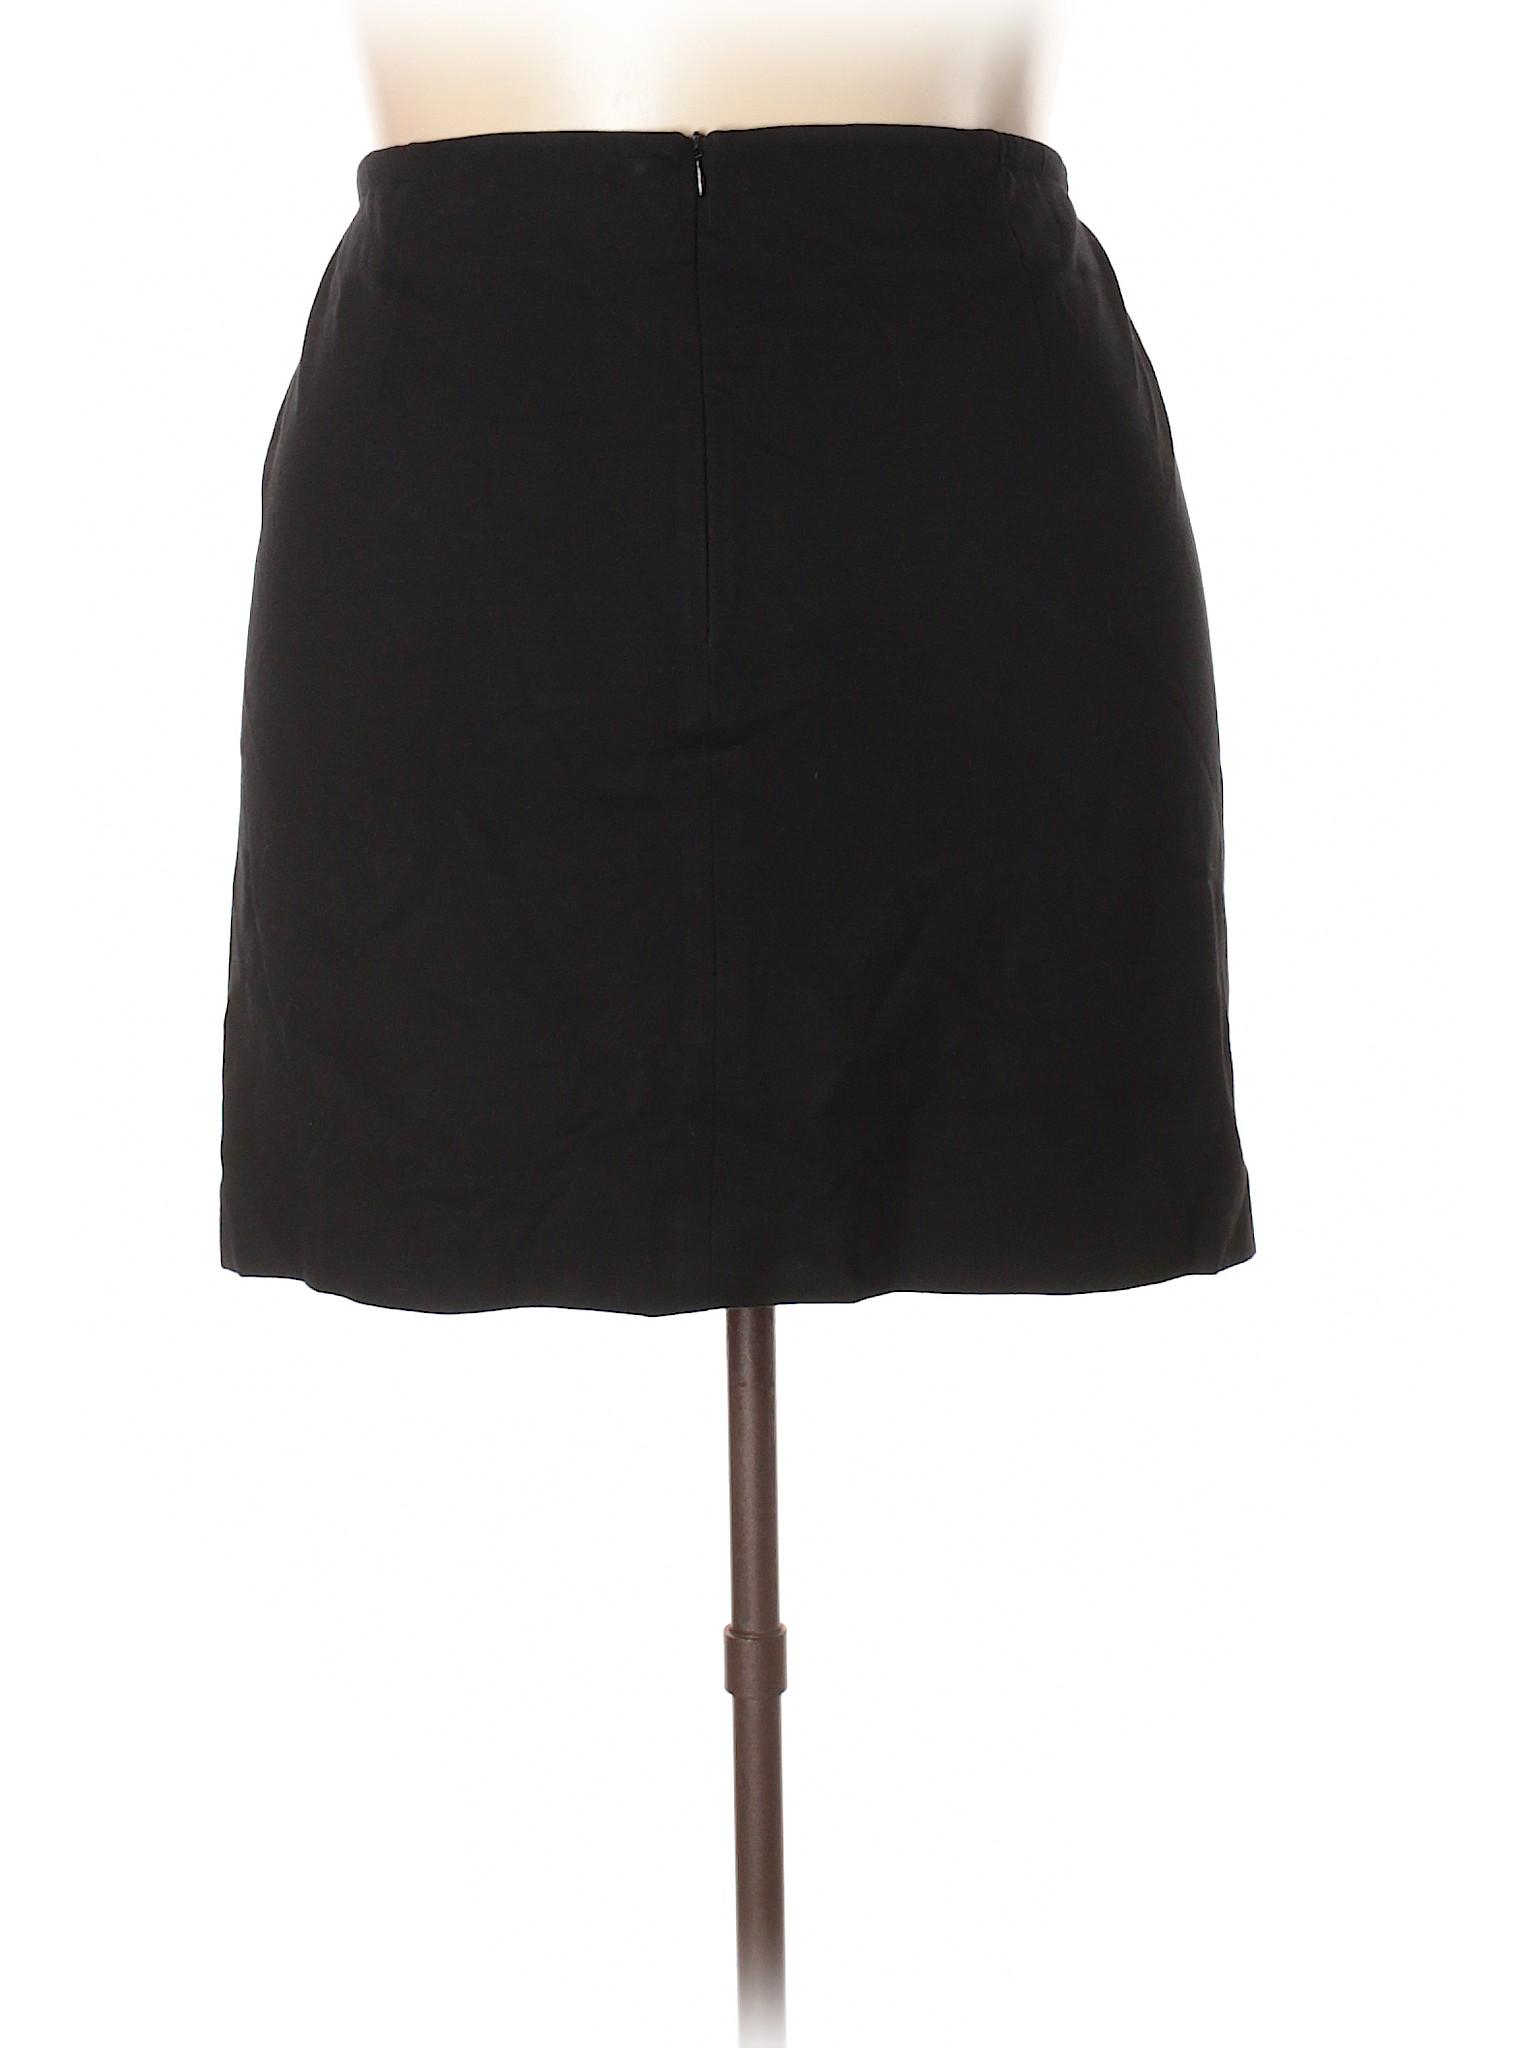 Casual Boutique Boutique Skirt Casual qFZYTw7